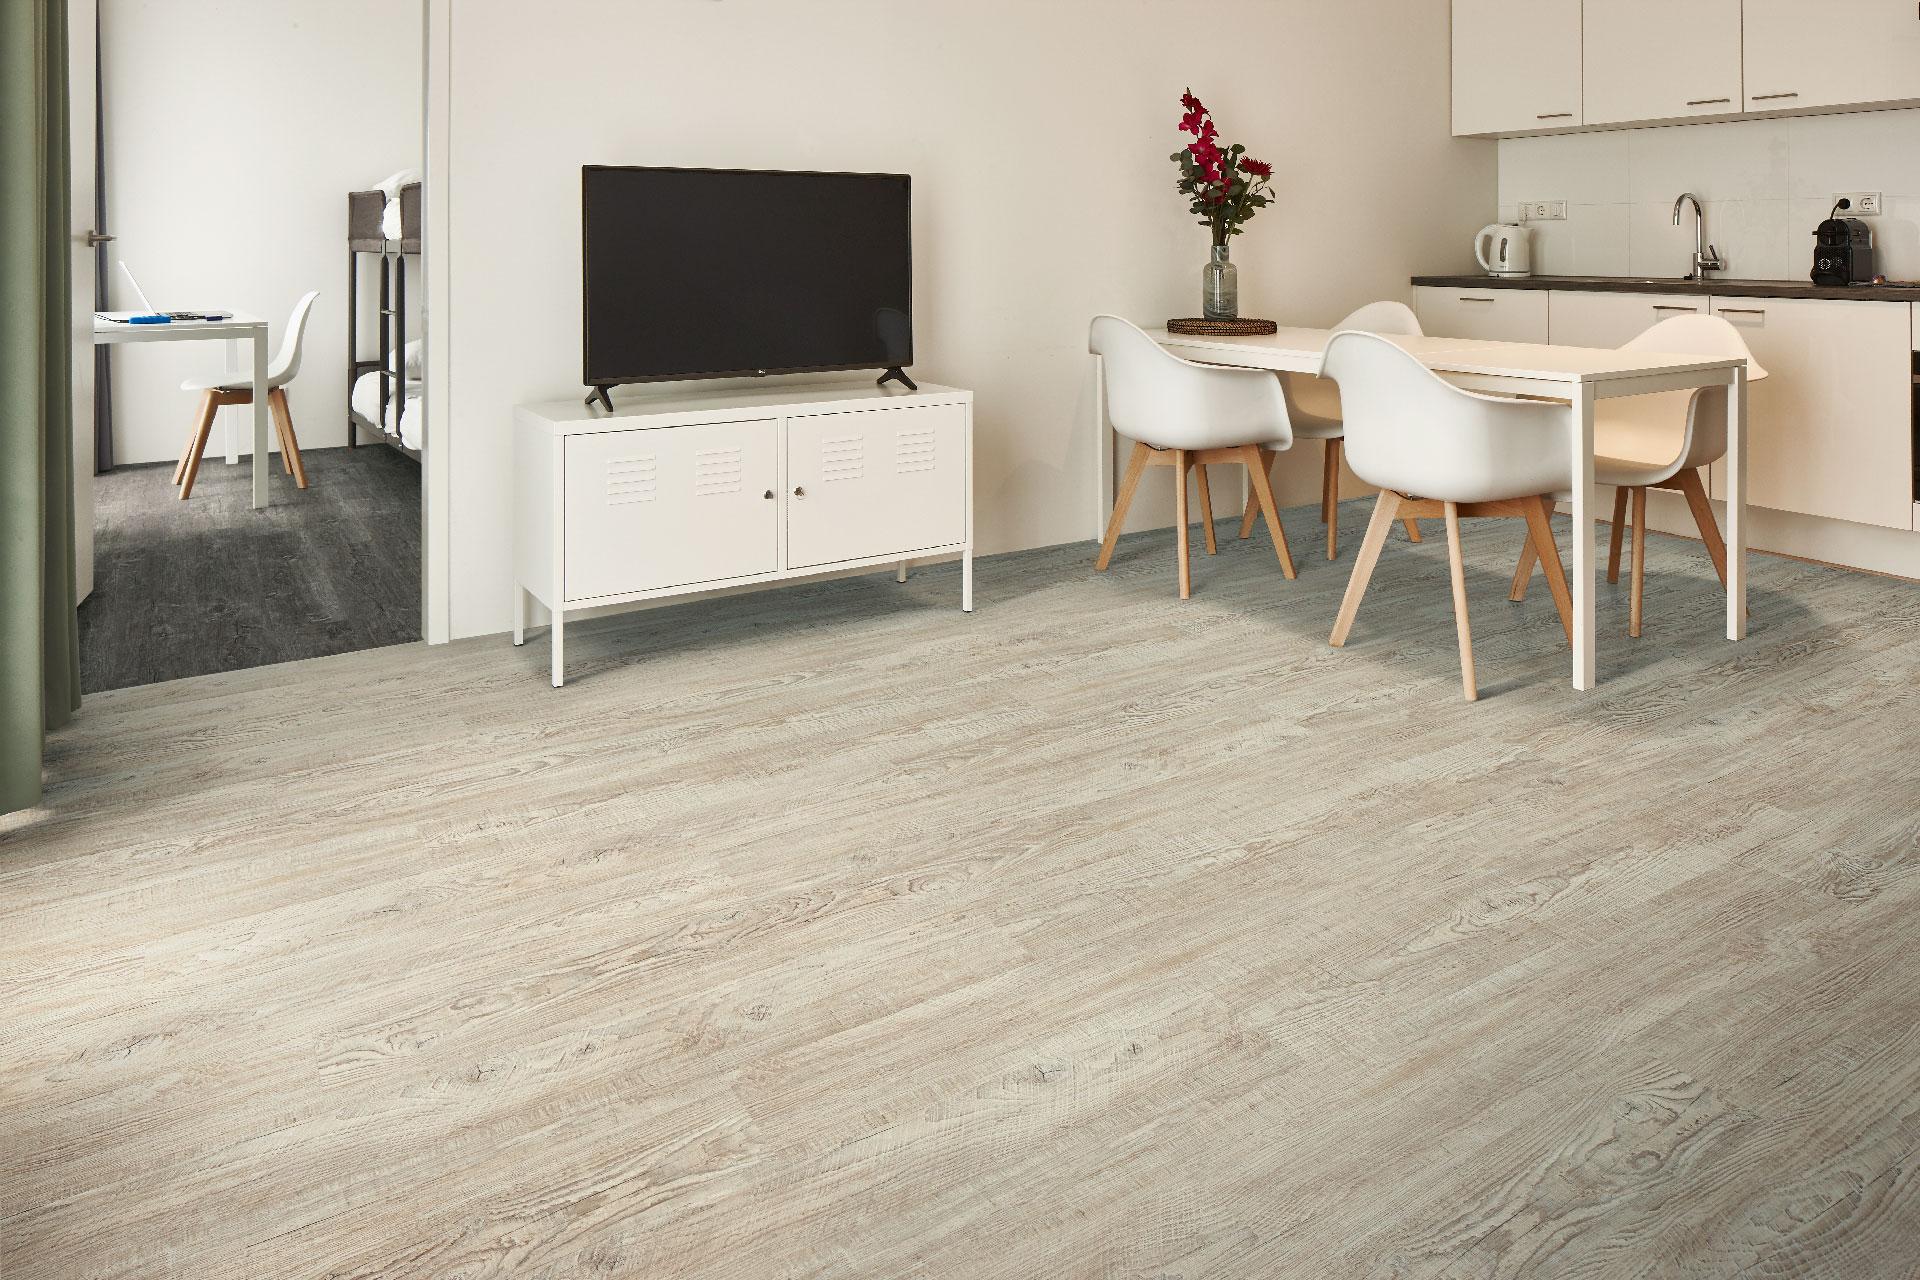 Vinylboden White Pine – Jetzt kostenloses Muster bestellen!